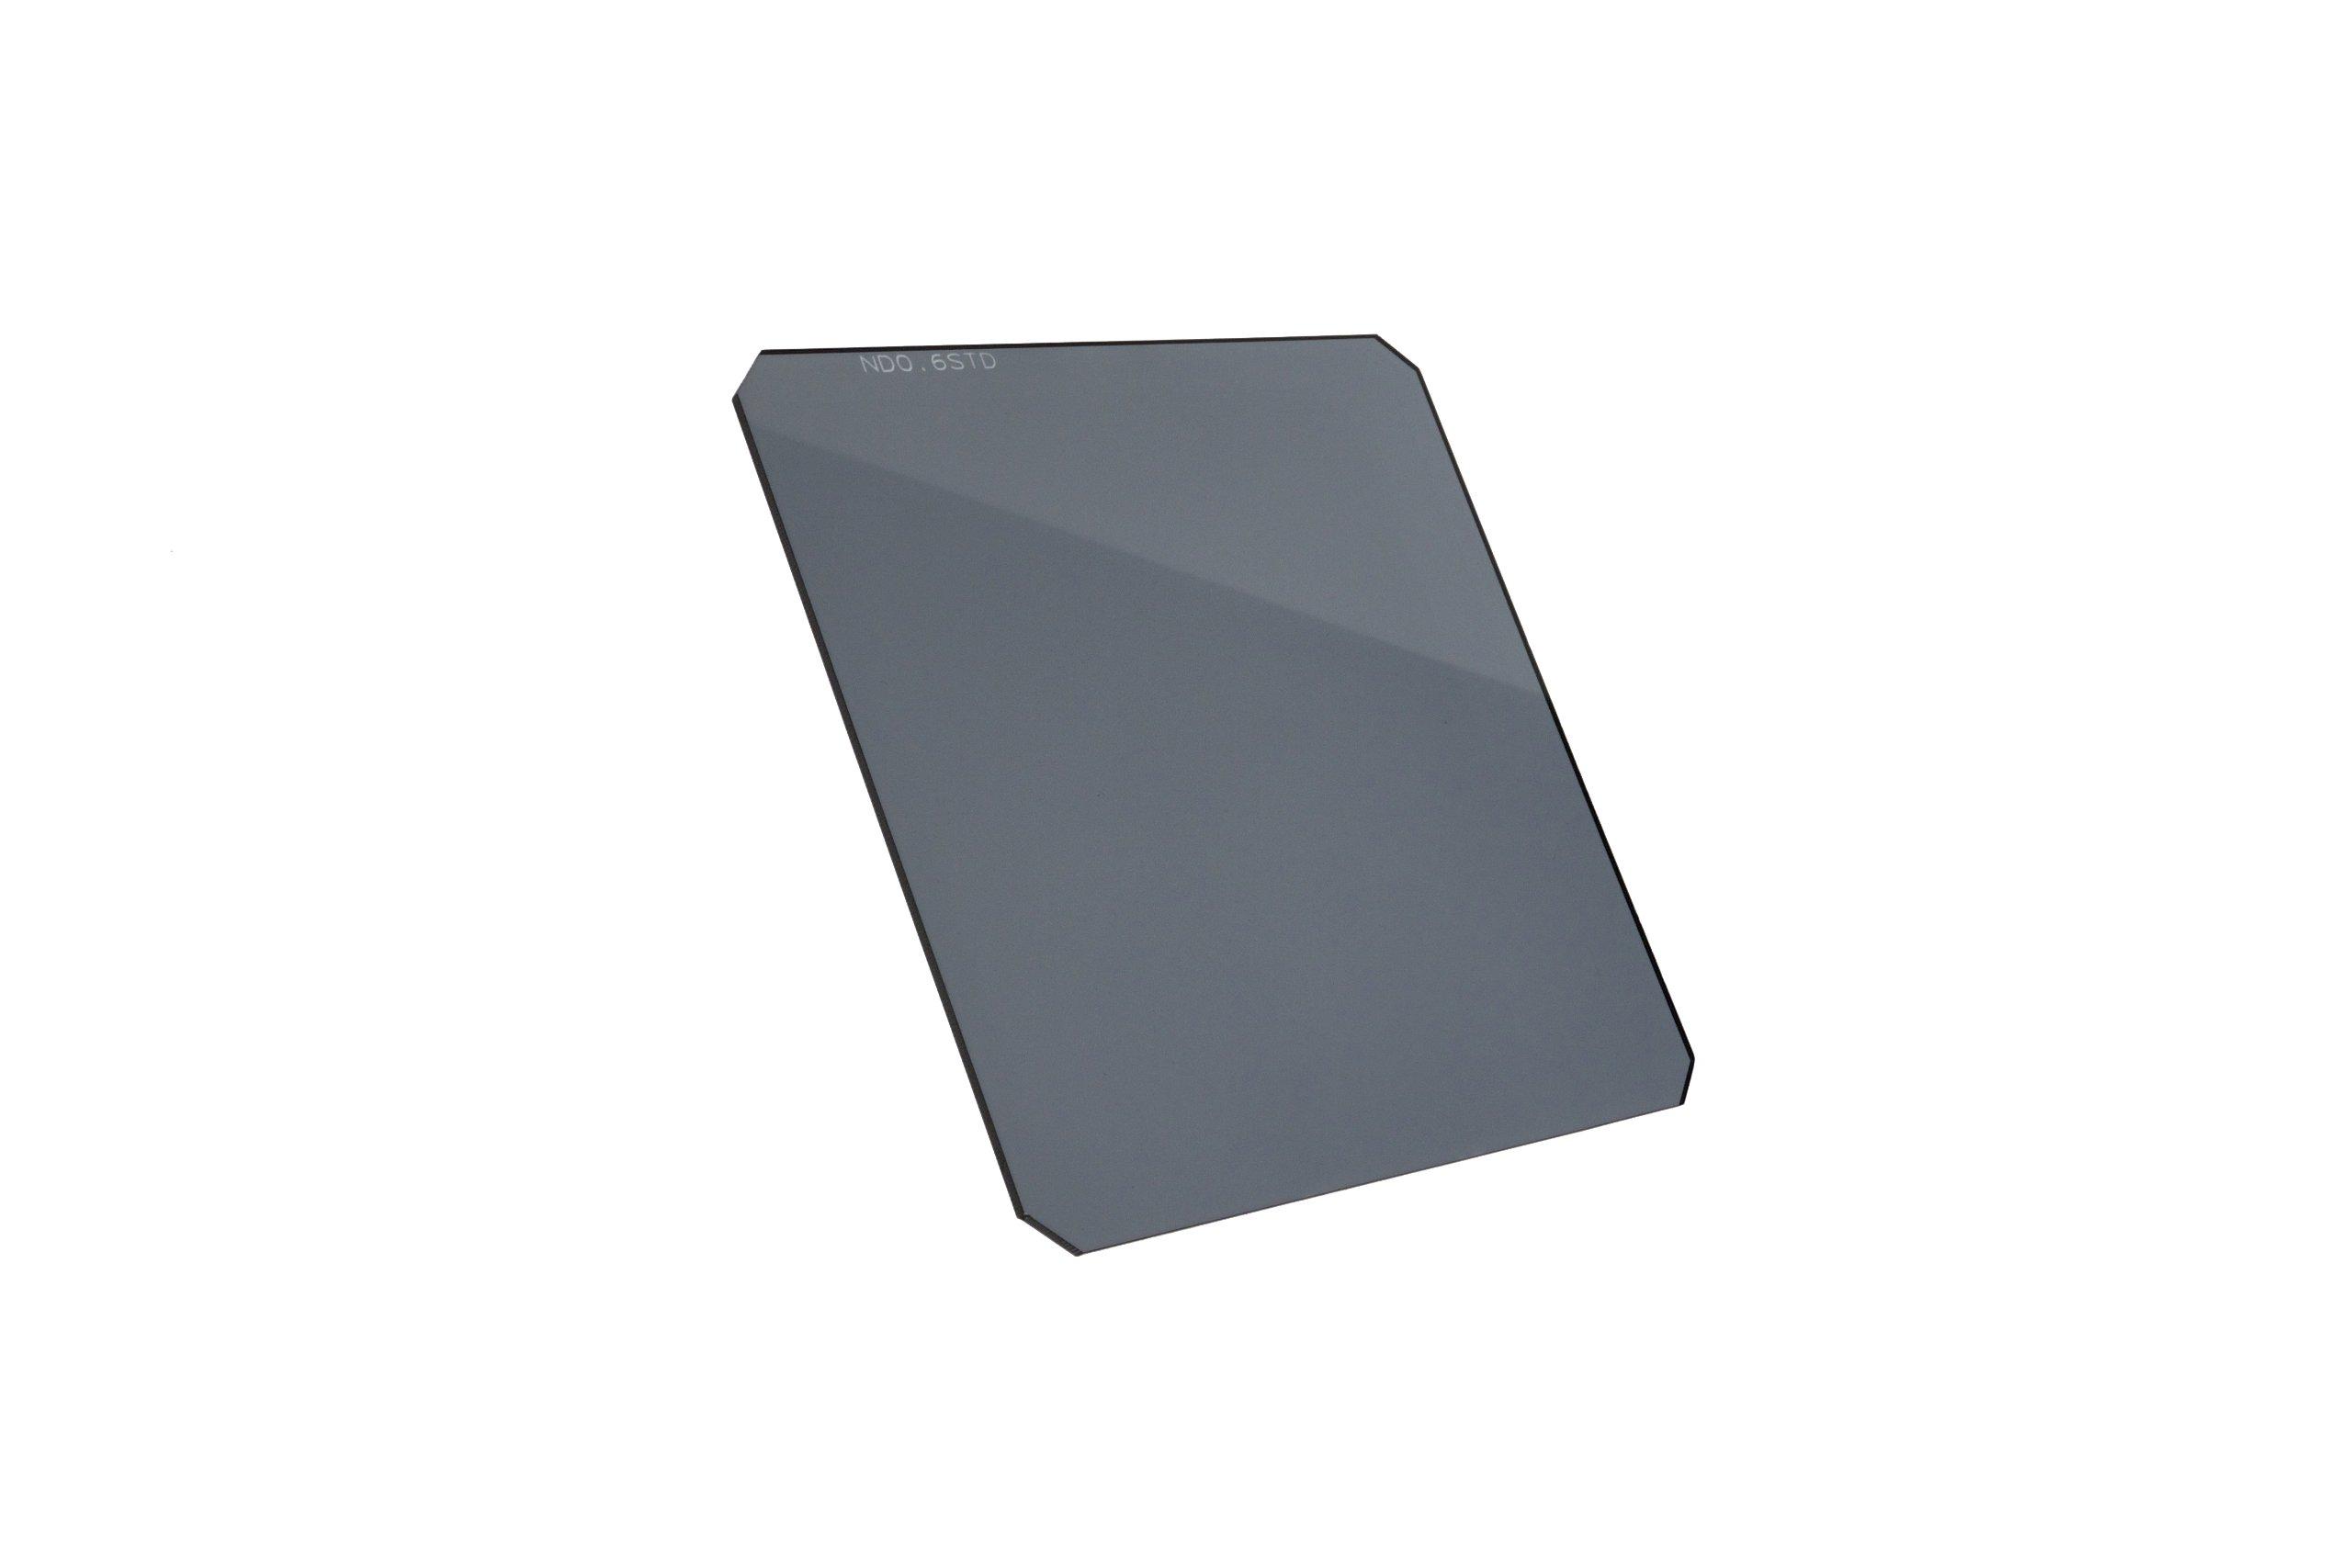 Formatt-Hitech 165x200mm (6.5x7.87'') Resin Neutral Density Blender 0.6 (2 Stops)